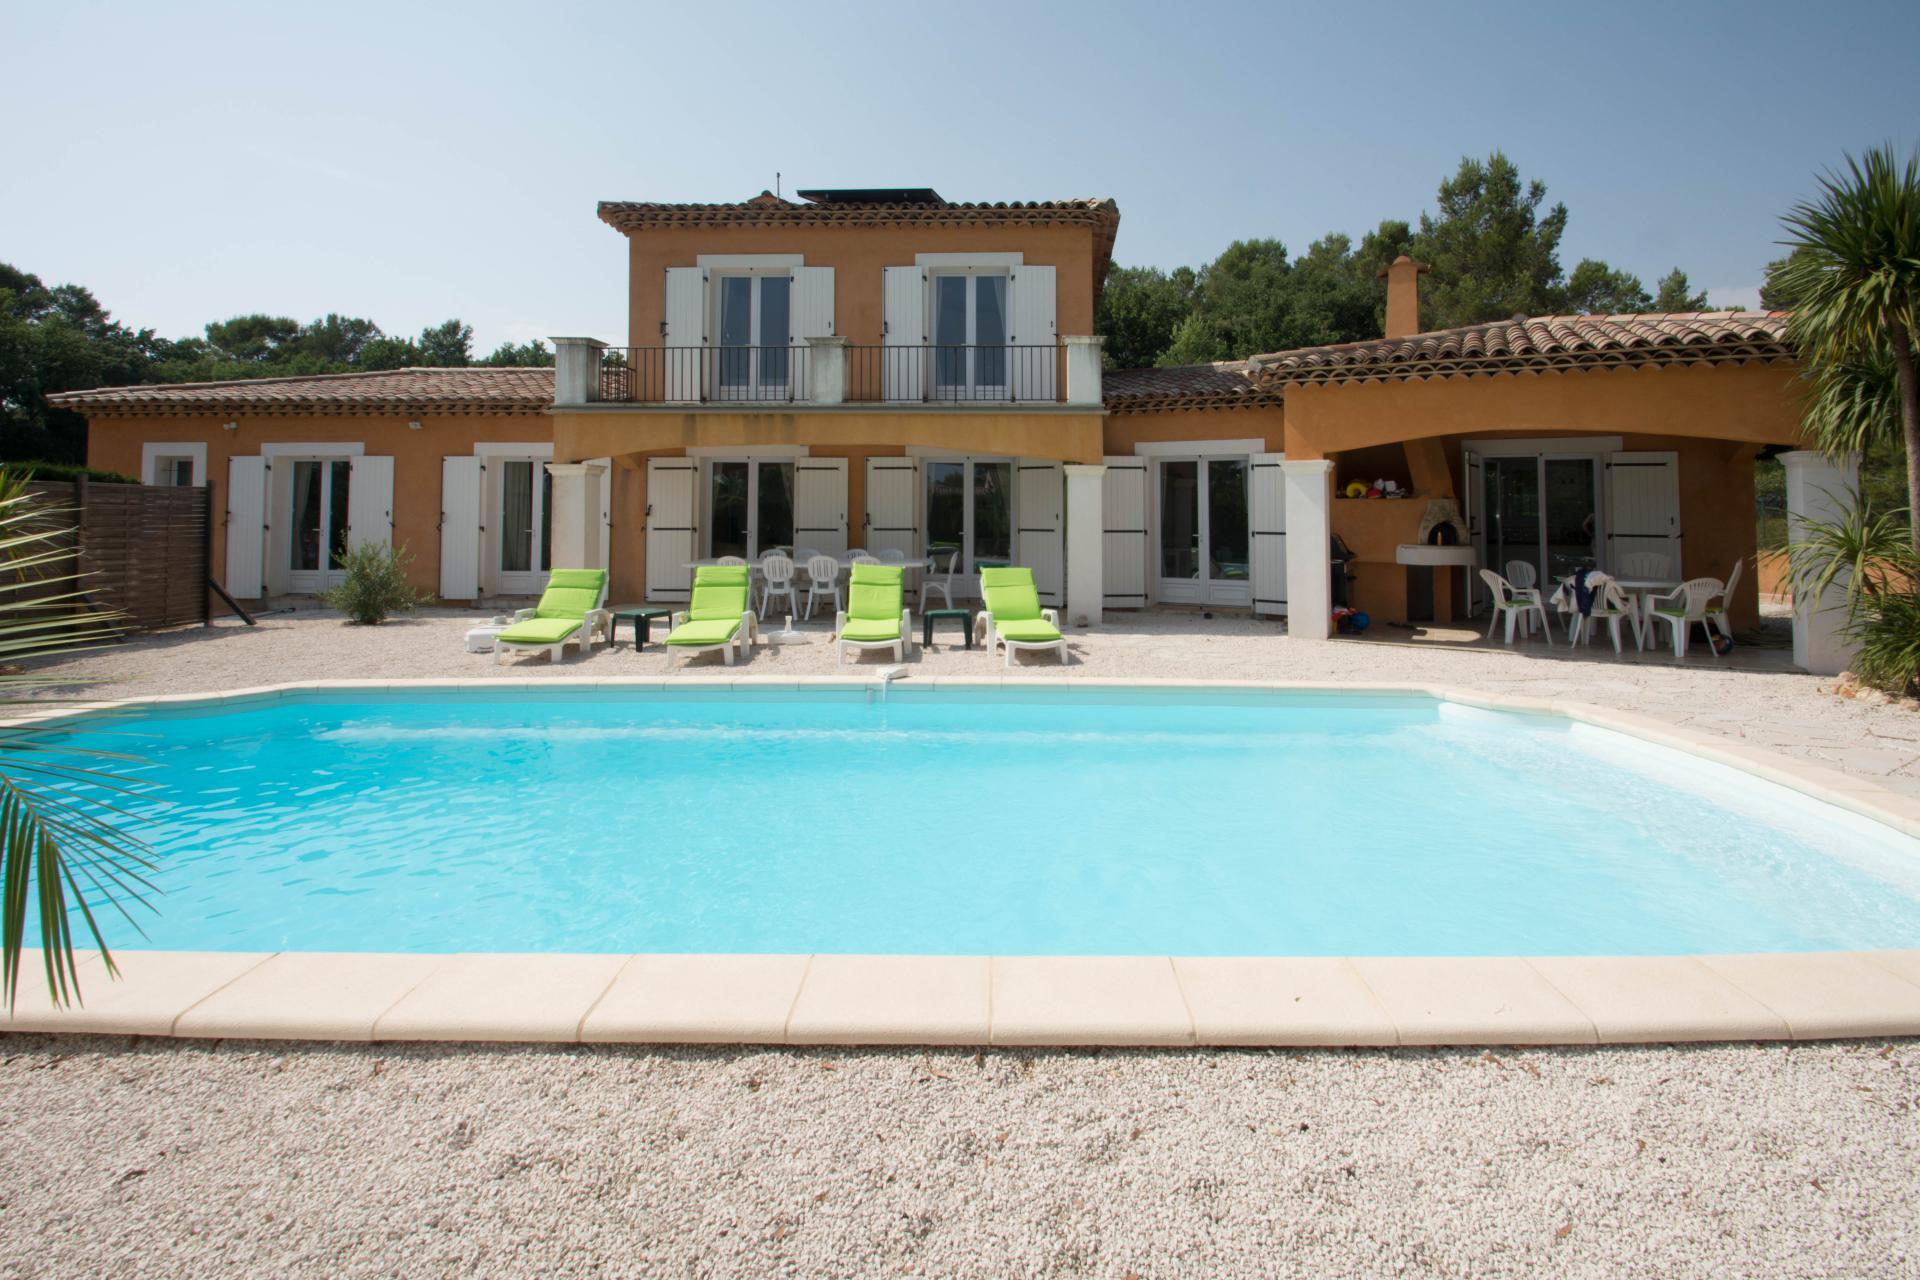 Villa avec piscine a vendre vente achat bagnols en foret for Achat thermopompe piscine